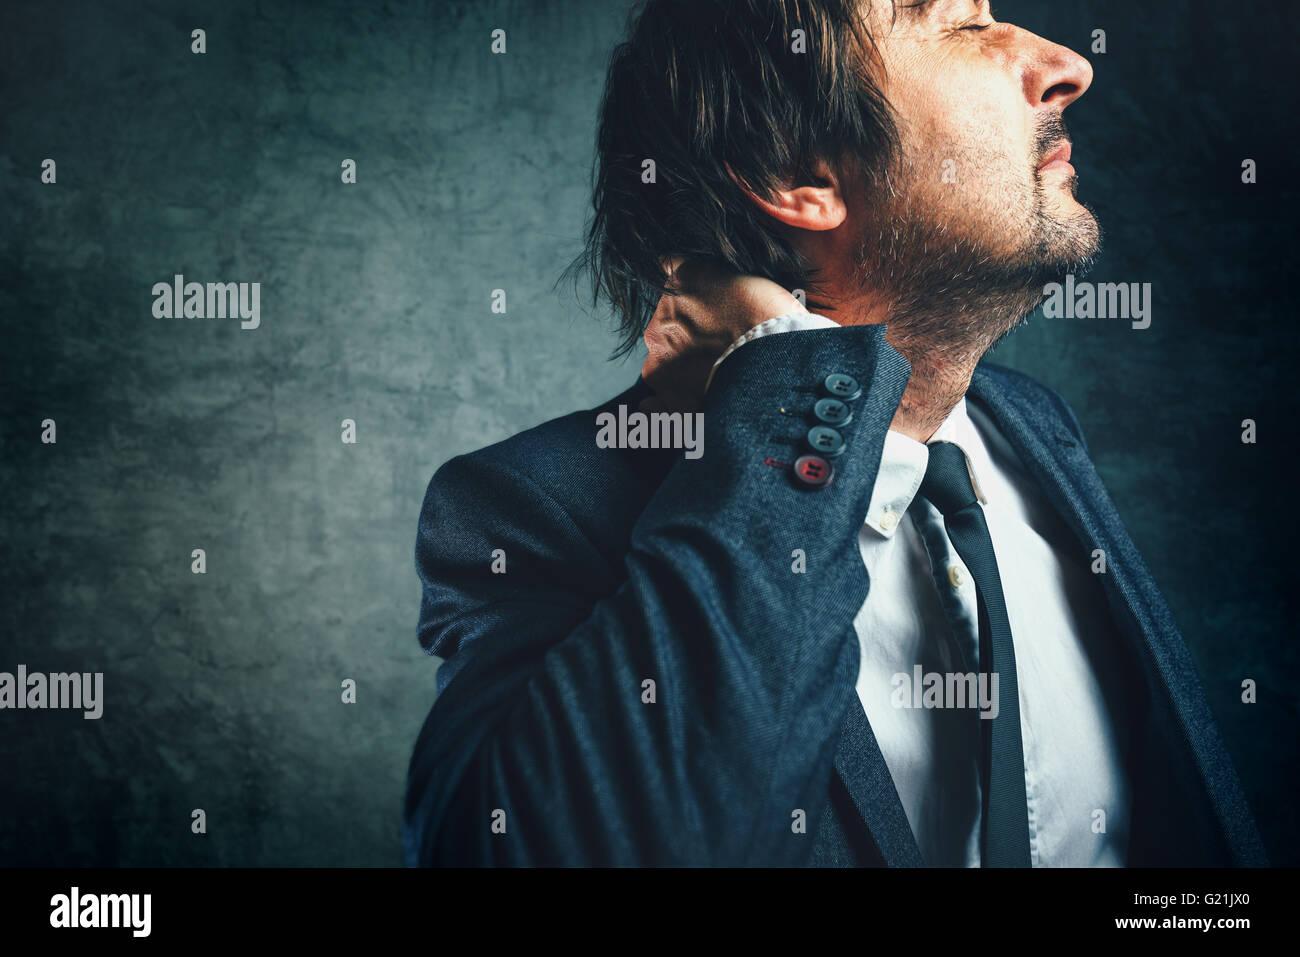 Schmerzen im Nacken eines Geschäftsmannes, betonte Unternehmer im eleganten Anzug, die unter Neckache leiden. Stockbild